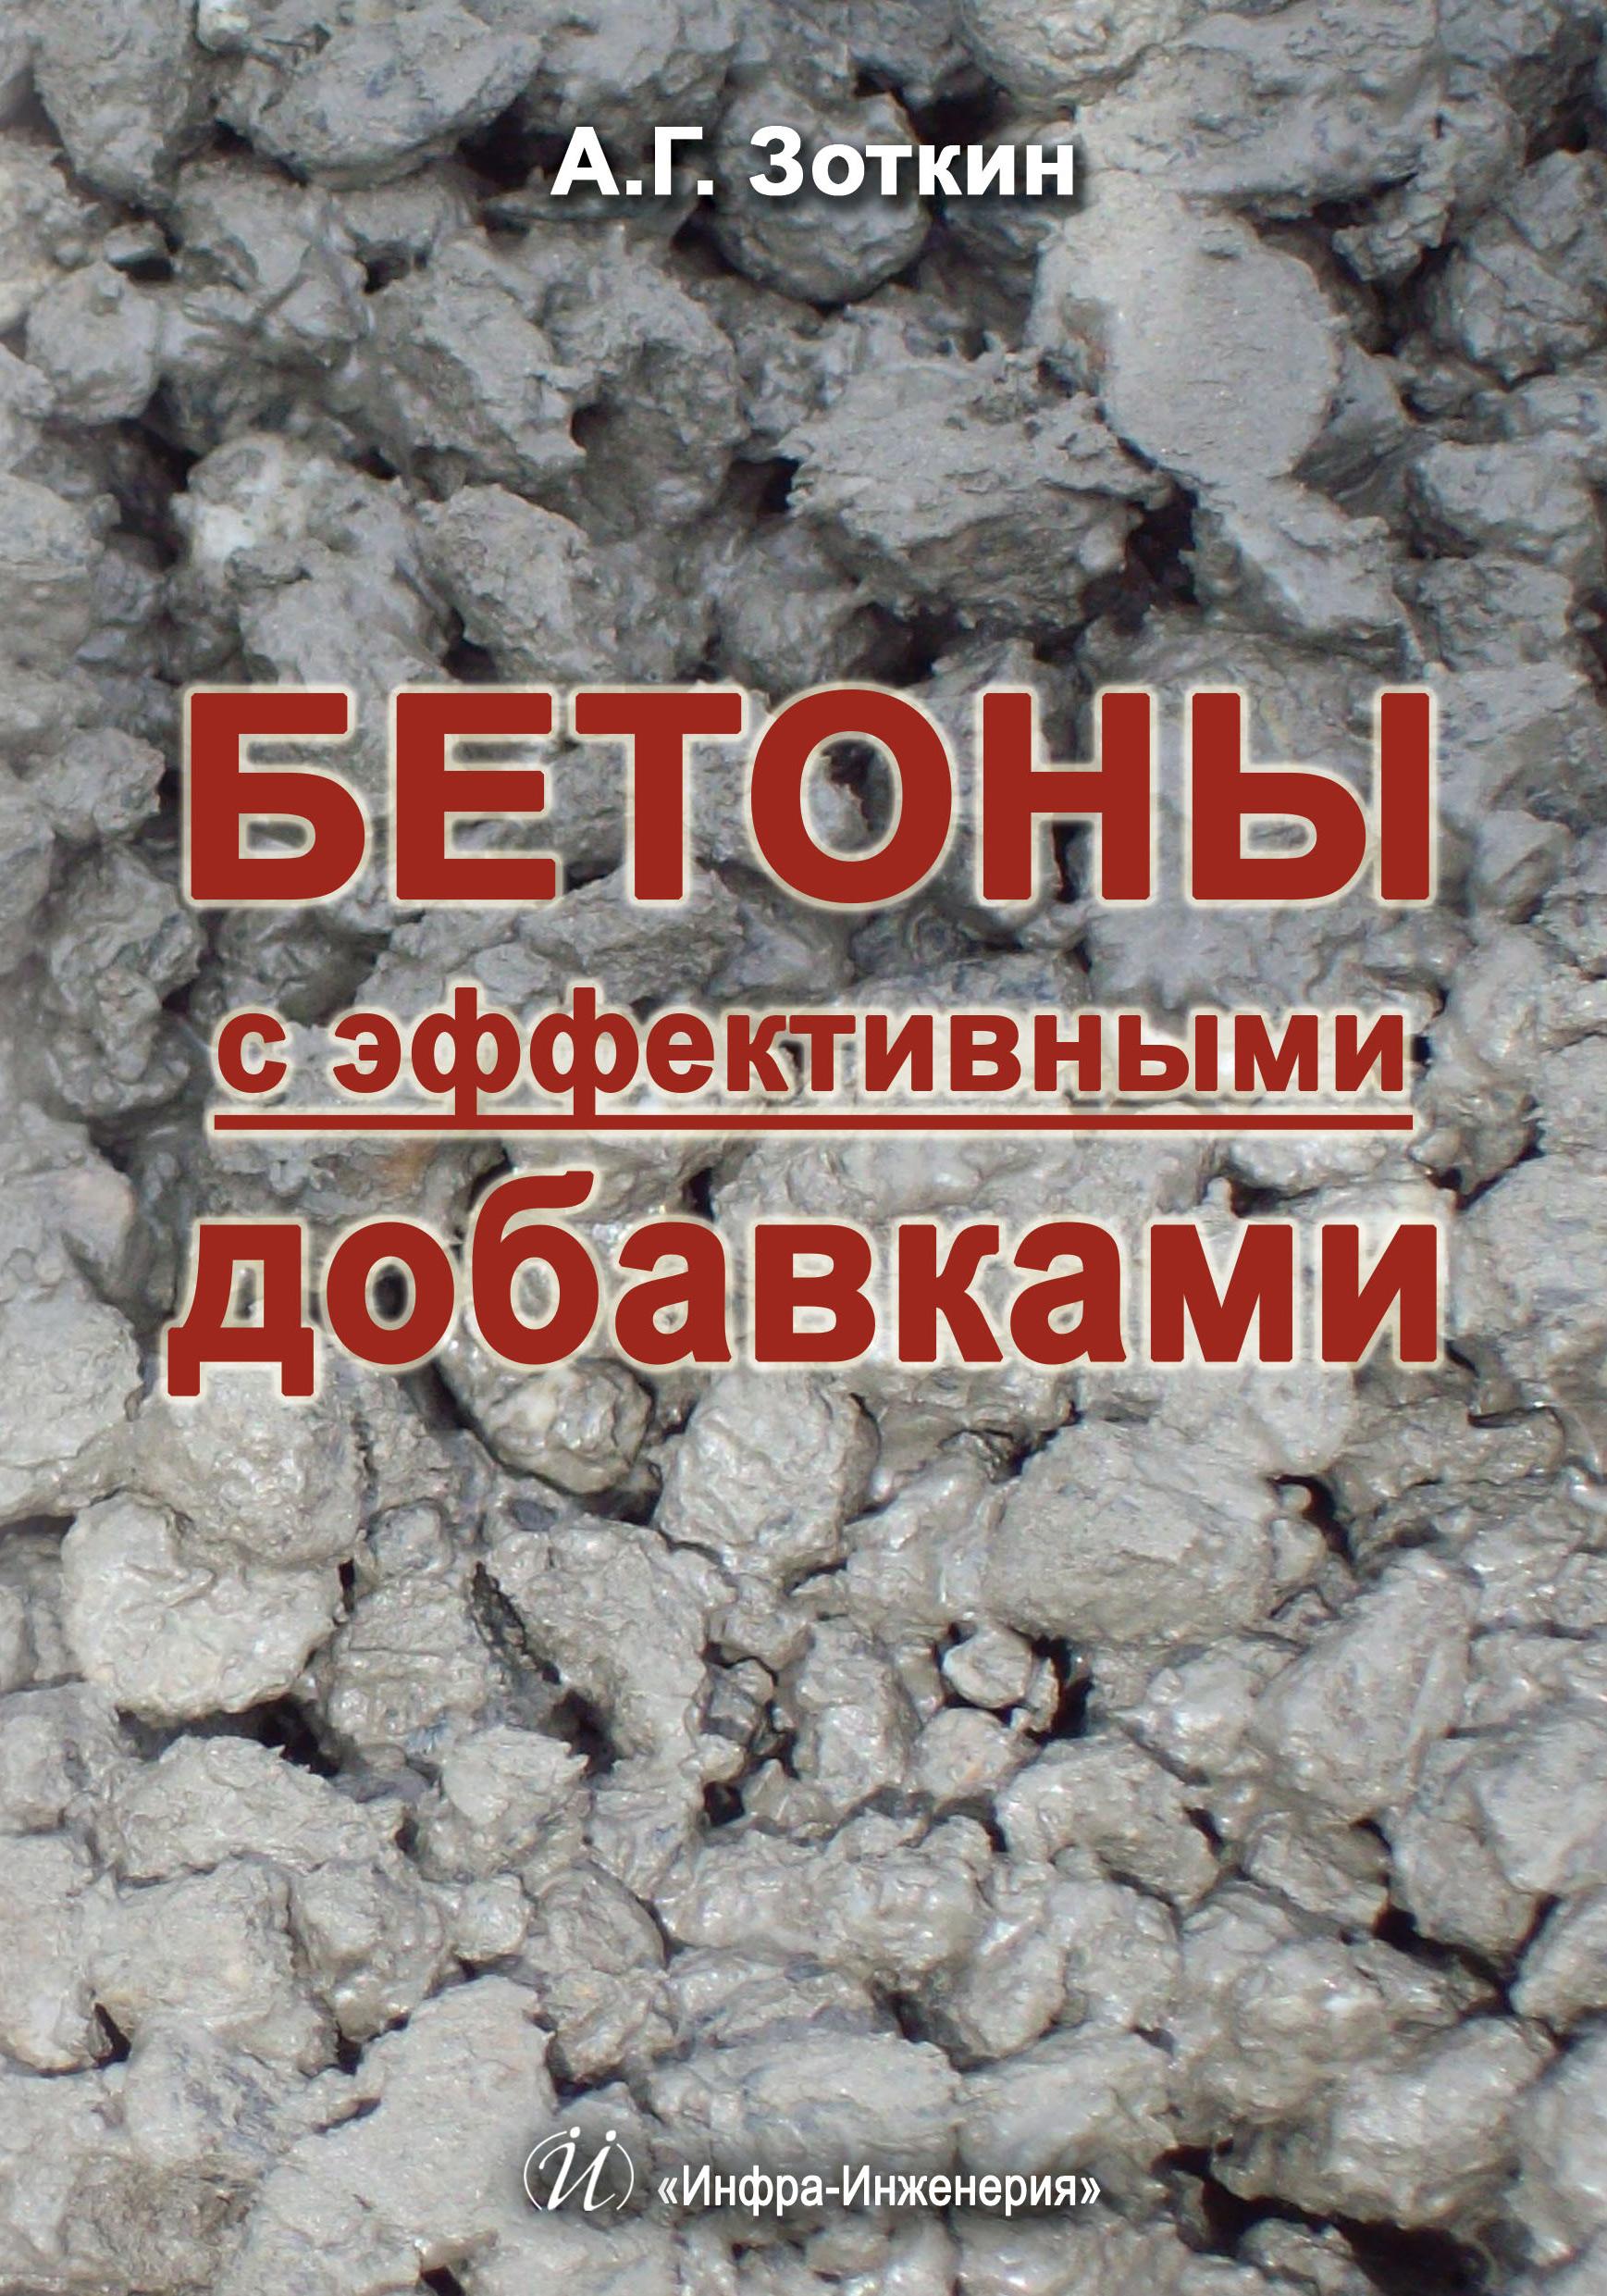 Бетоны скачать заливка бетона цена за куб работы в москве